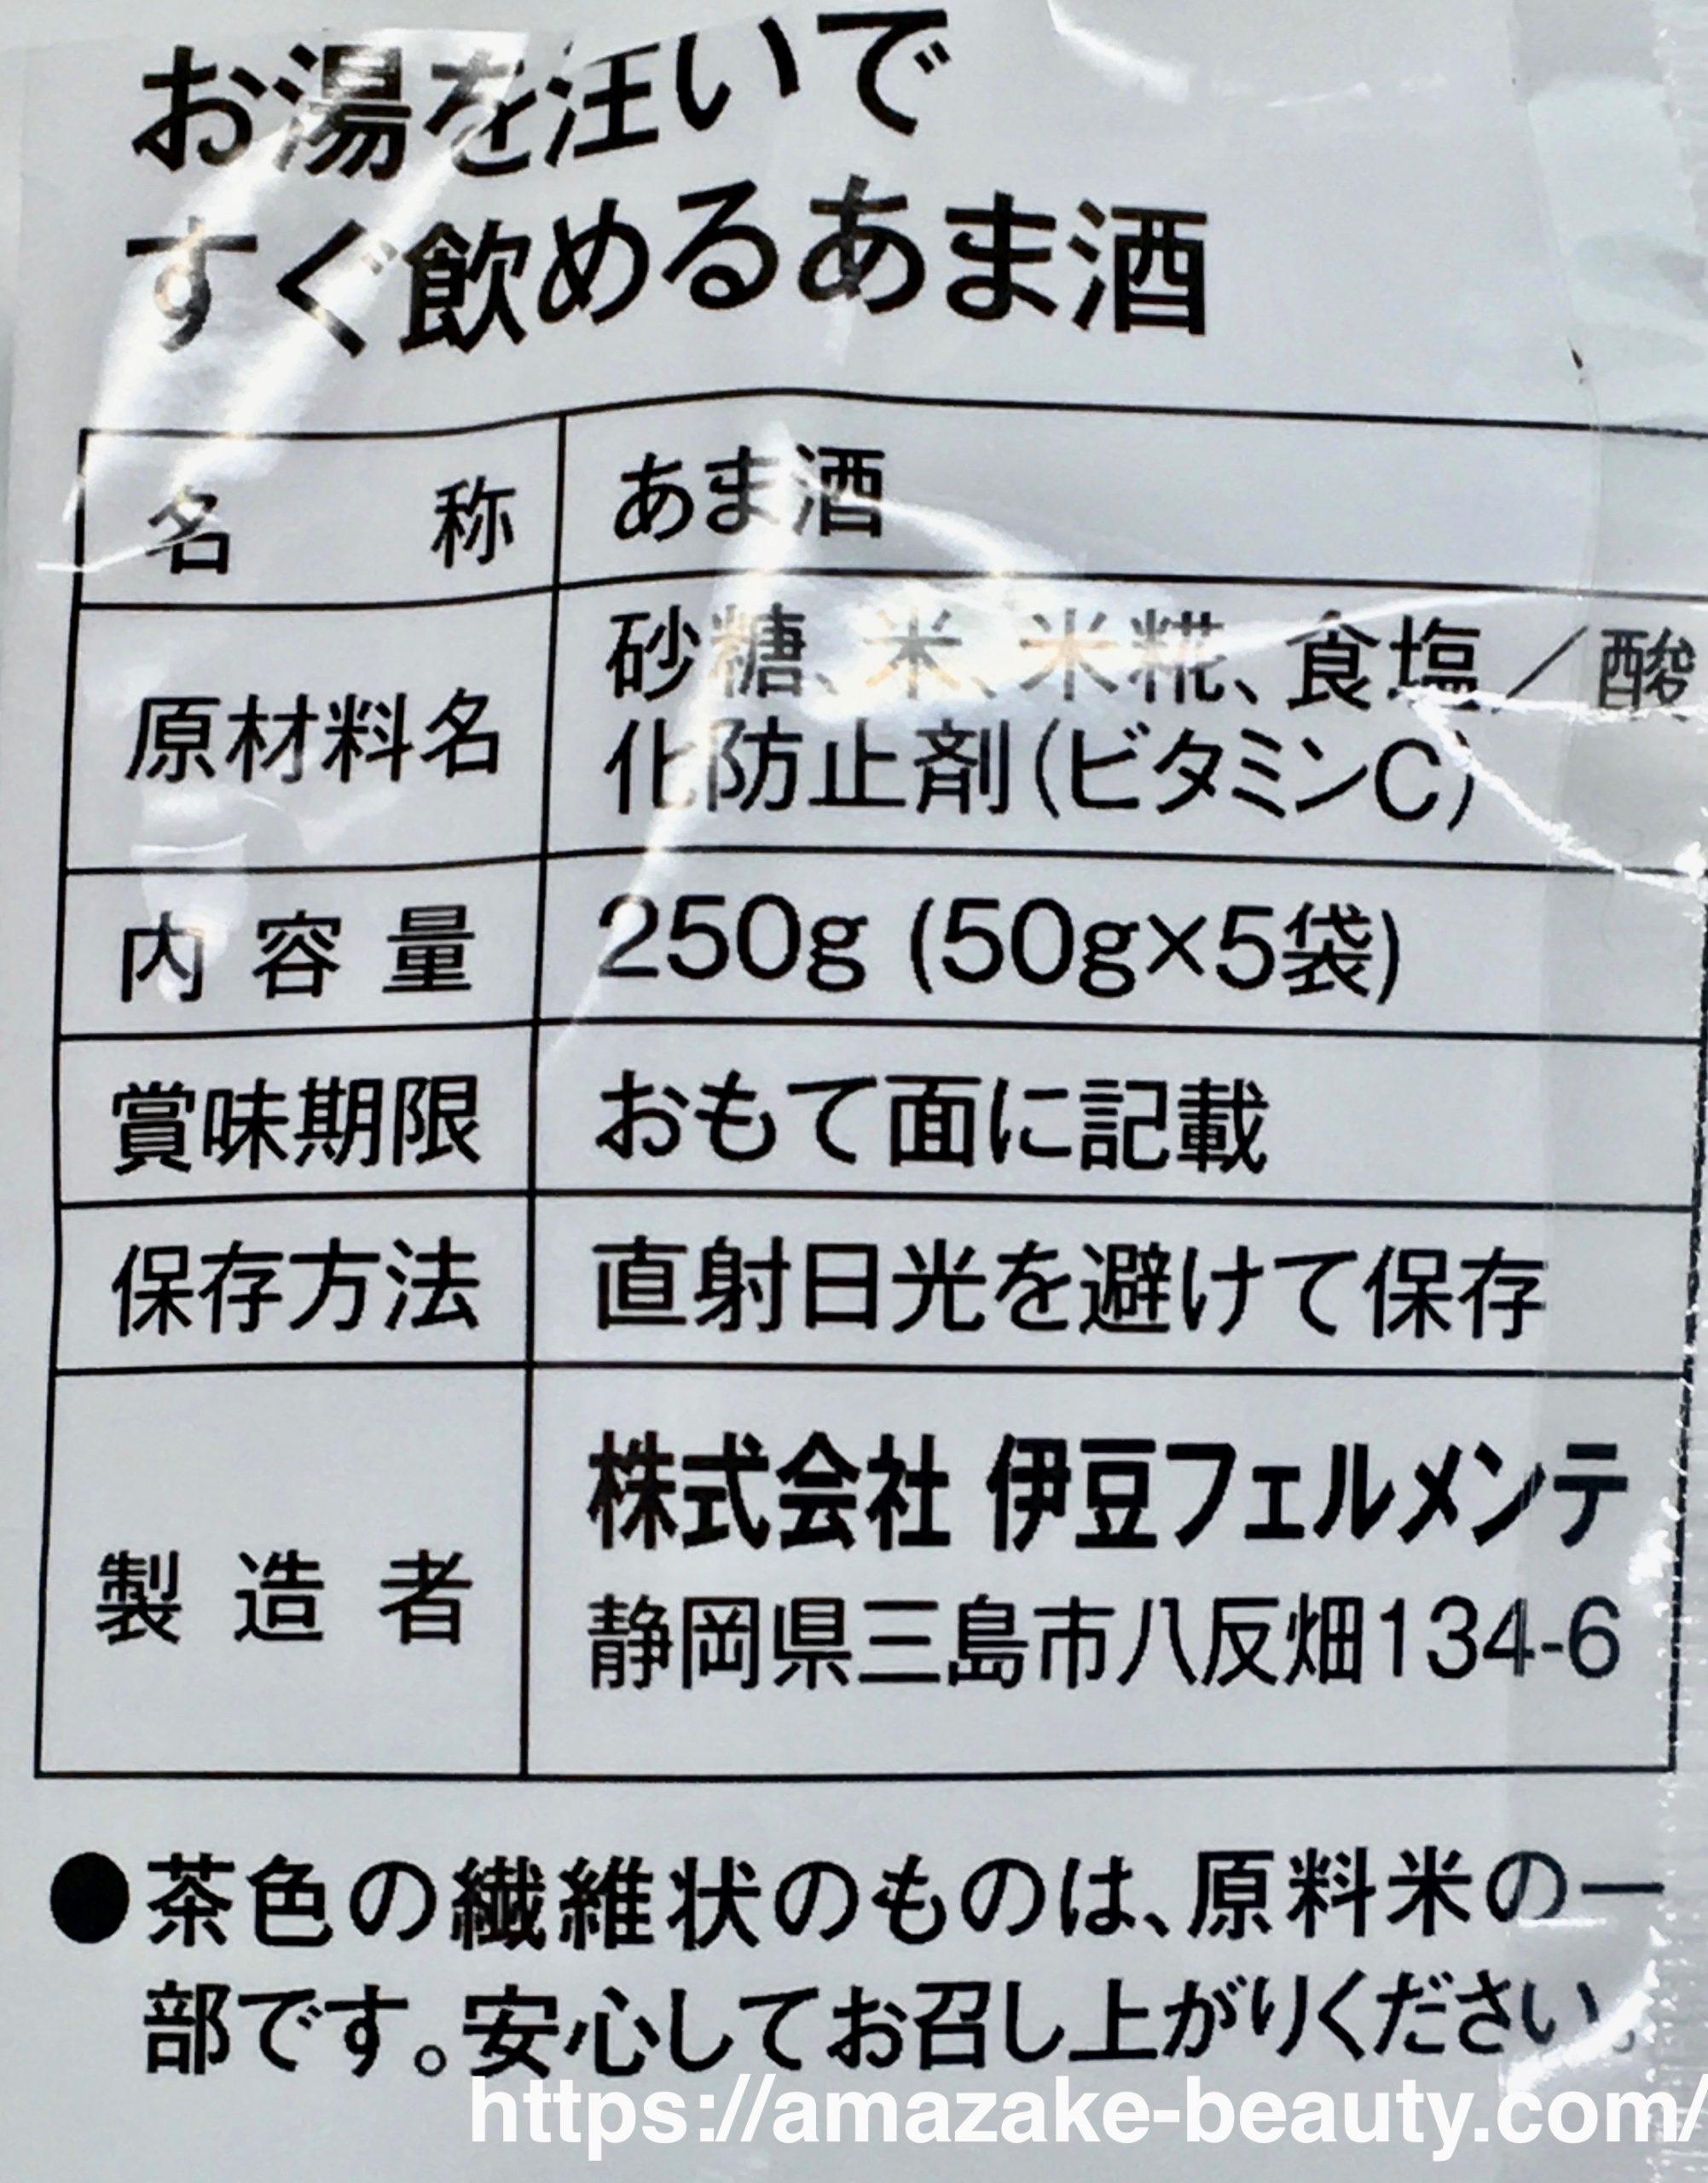 【甘酒】伊豆フェルメンテ『お湯を注いてすぐ飲める あま酒』(商品情報)